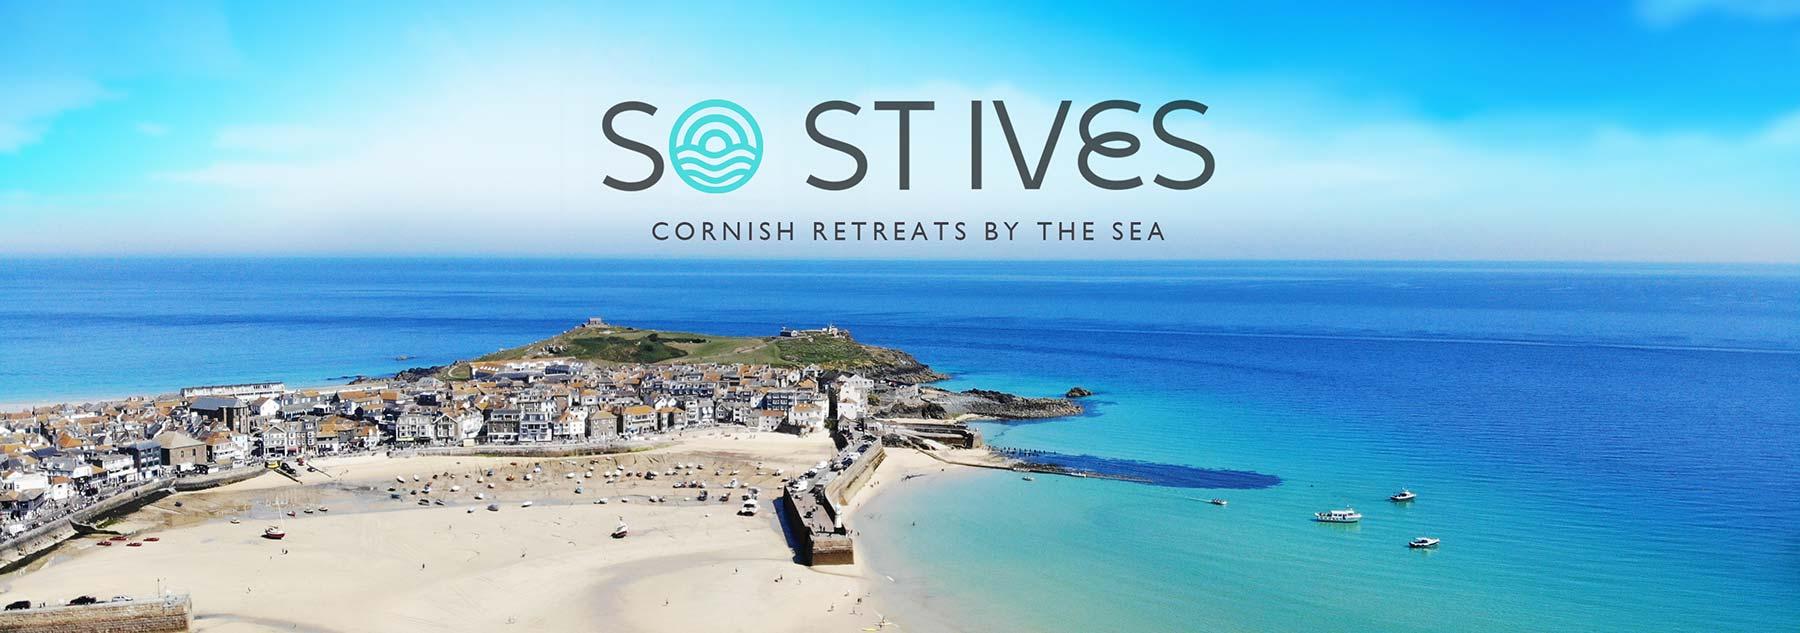 sostives-stives-holiday-cottages